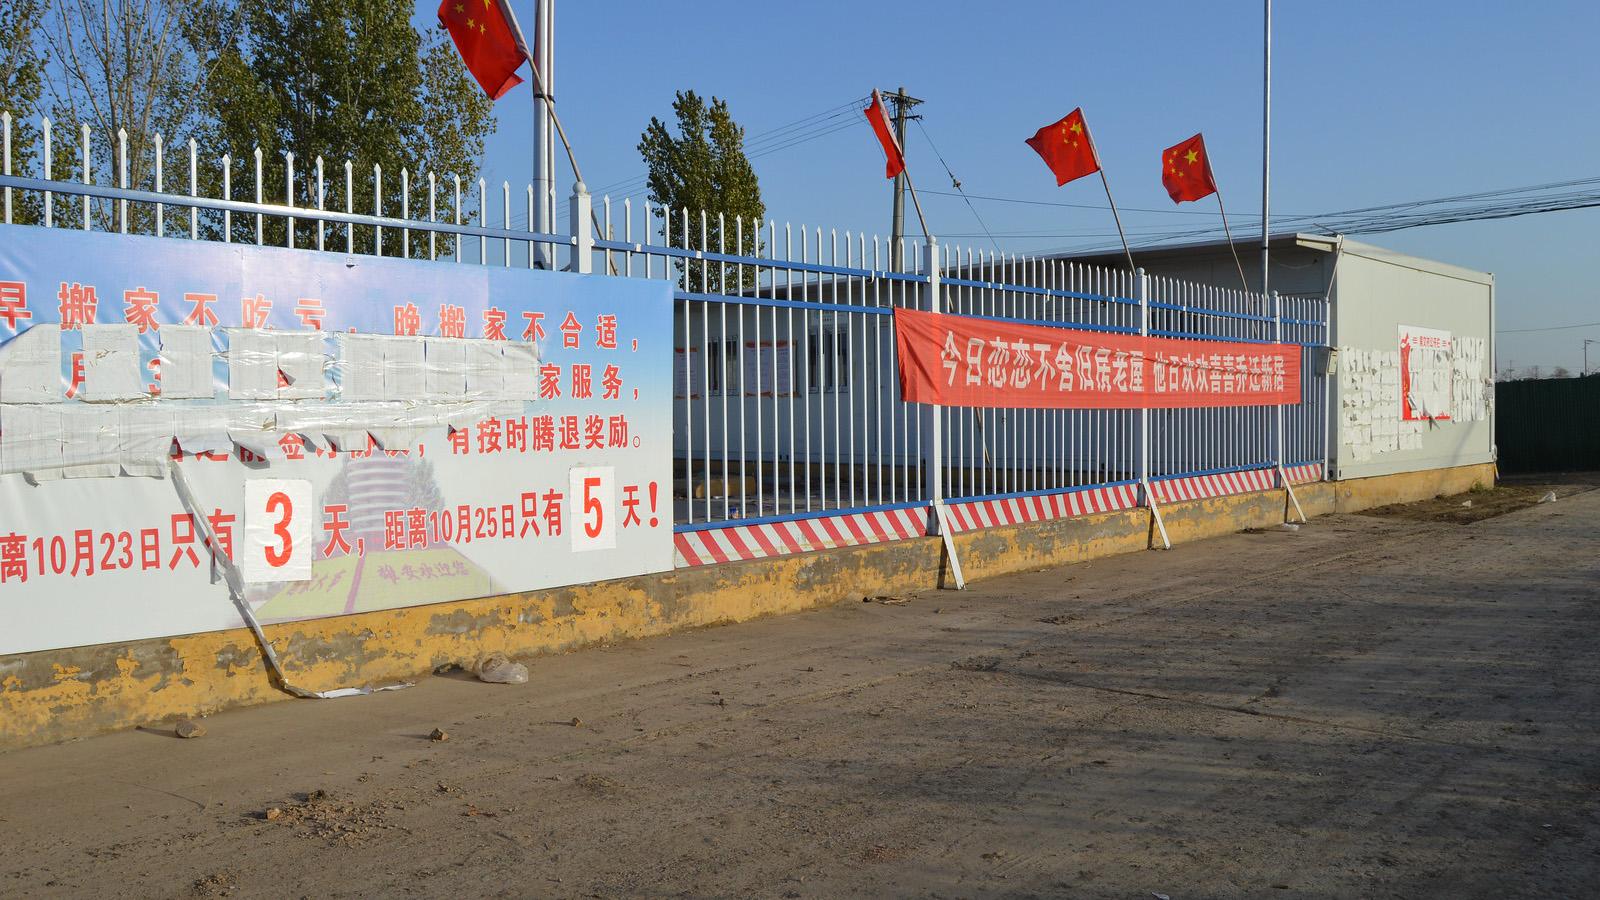 2019年10月,河北容城南文村,当地政府张贴的拆迁标语。(高阳提供)